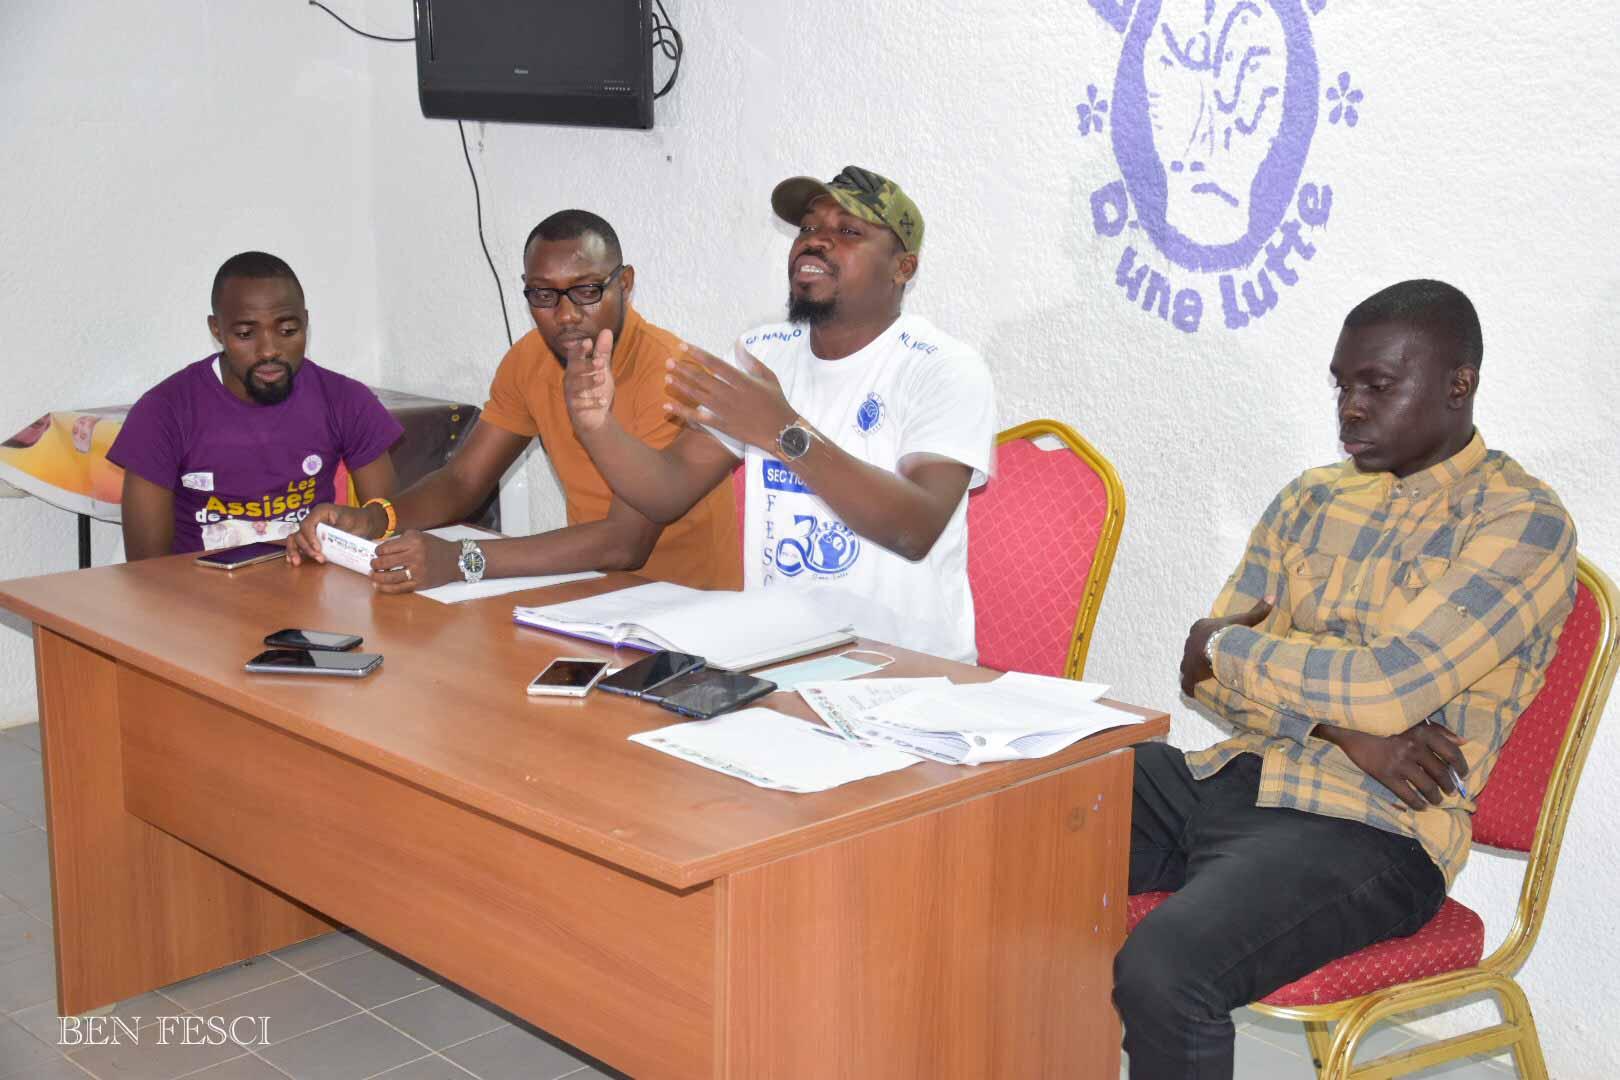 Côte d'Ivoire /La Fédération Estudiantine et Scolaire de Côte d'Ivoire ( FESCI) donne 72 heures pour la résolution de ces problèmes cités plus haut - MEDIA DIVERSITY